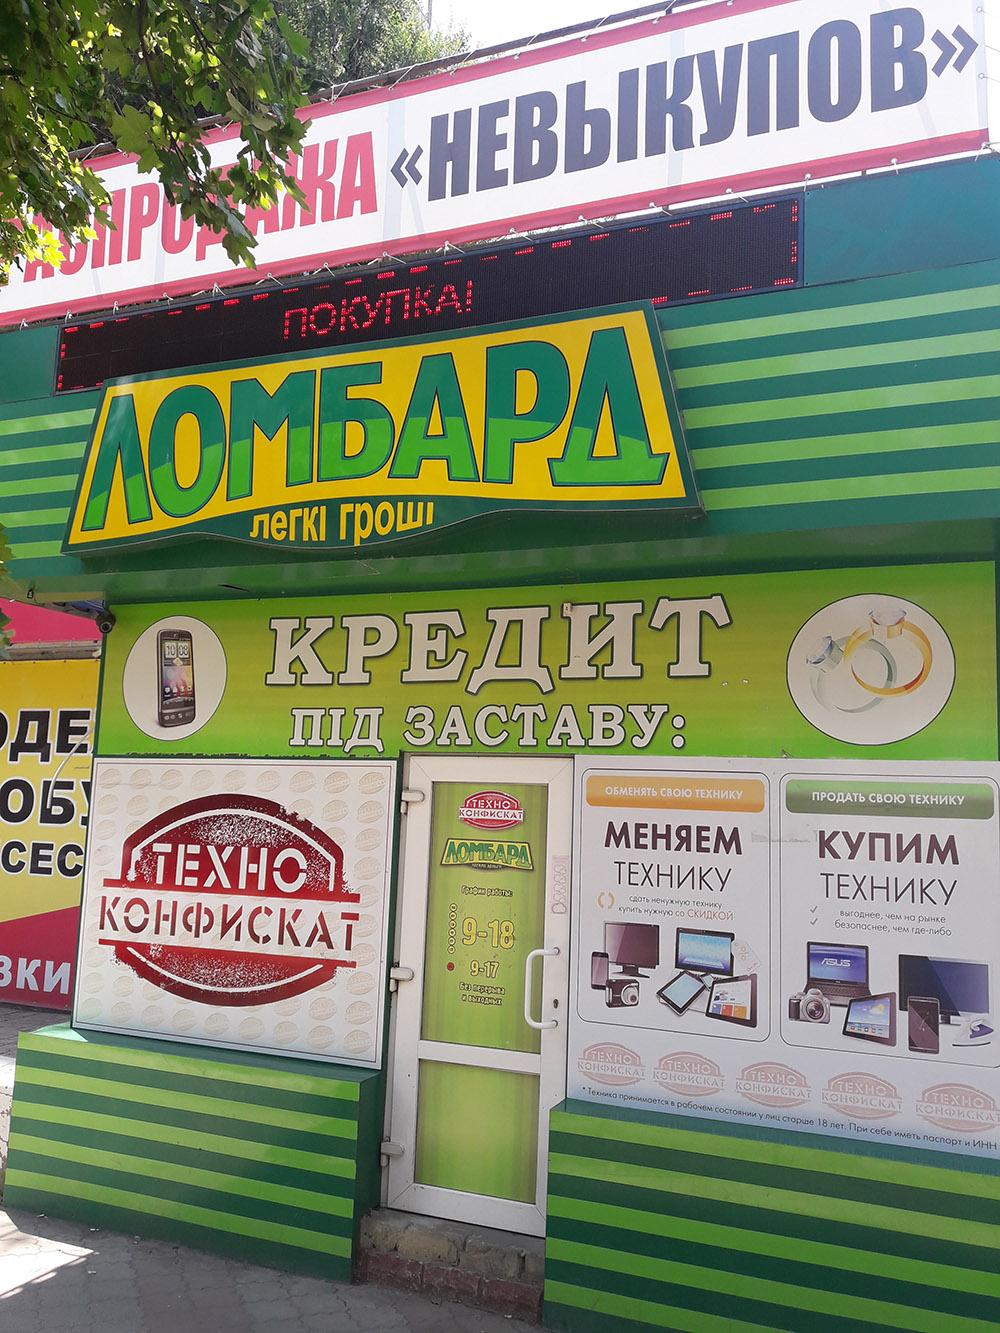 9bcab06a4760 Отзывы об интернет магазине конфиската «Техноконфискат»   Донецк